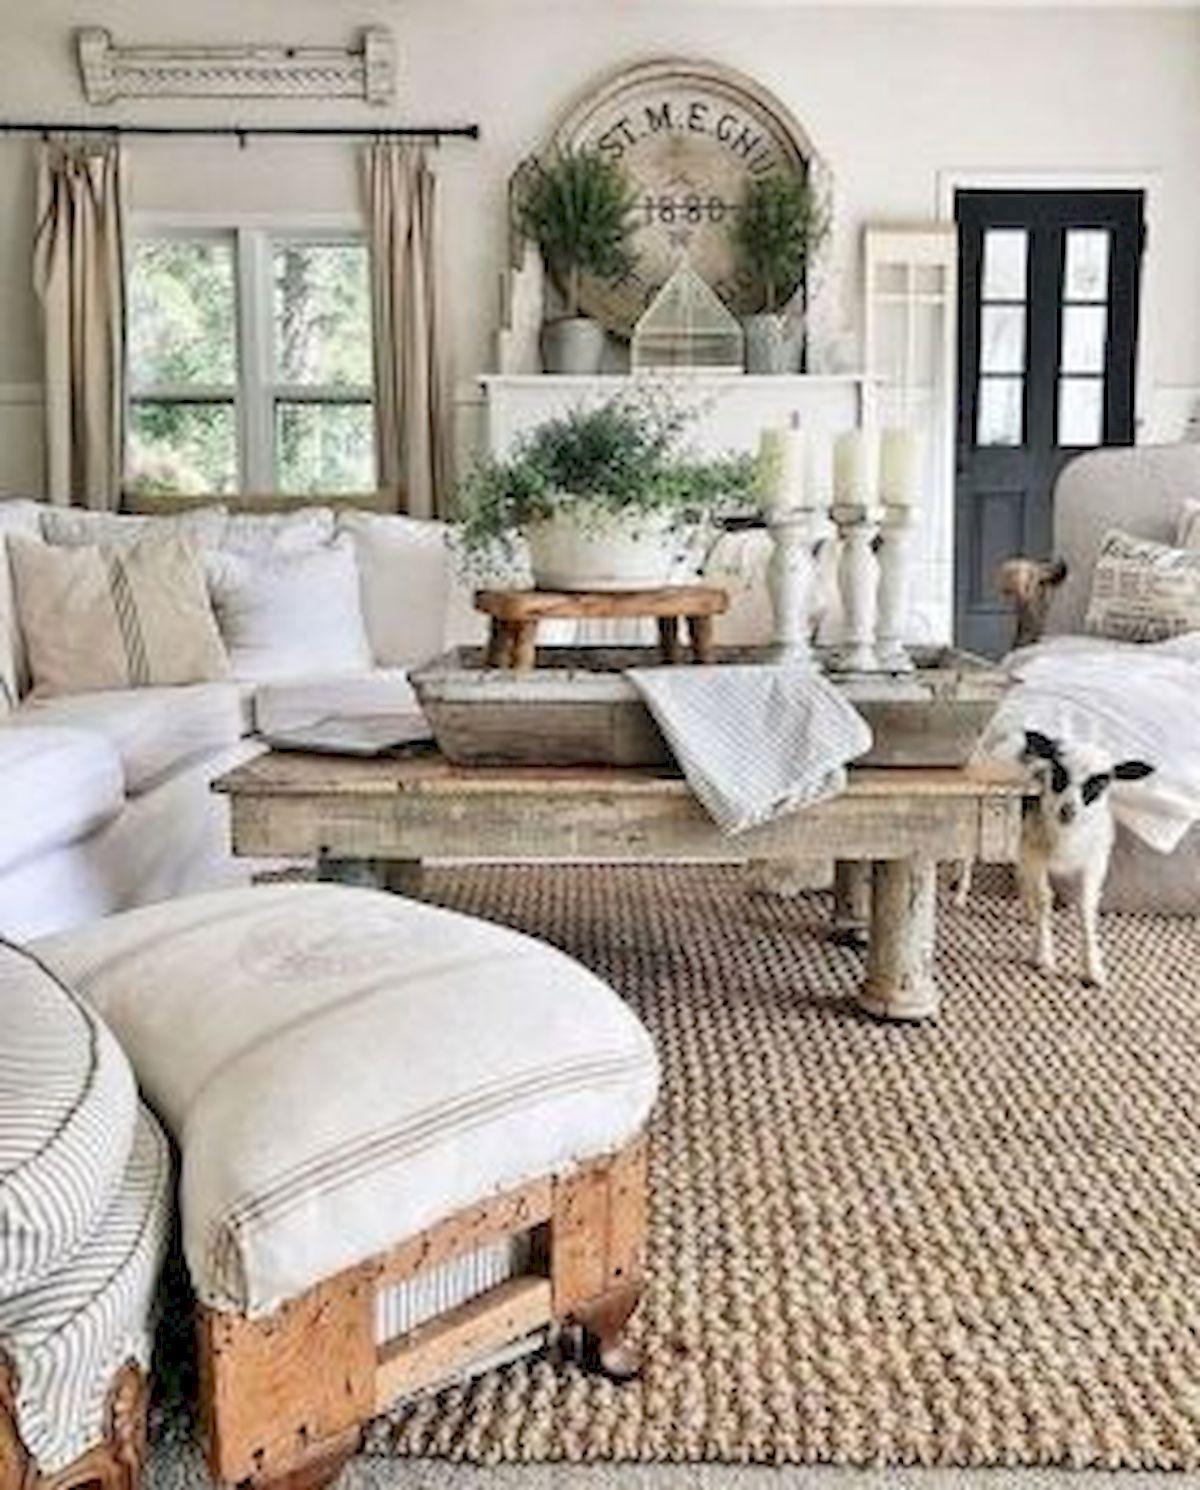 50 Cozy Farmhouse Living Room Design and Decor Ideas (31)